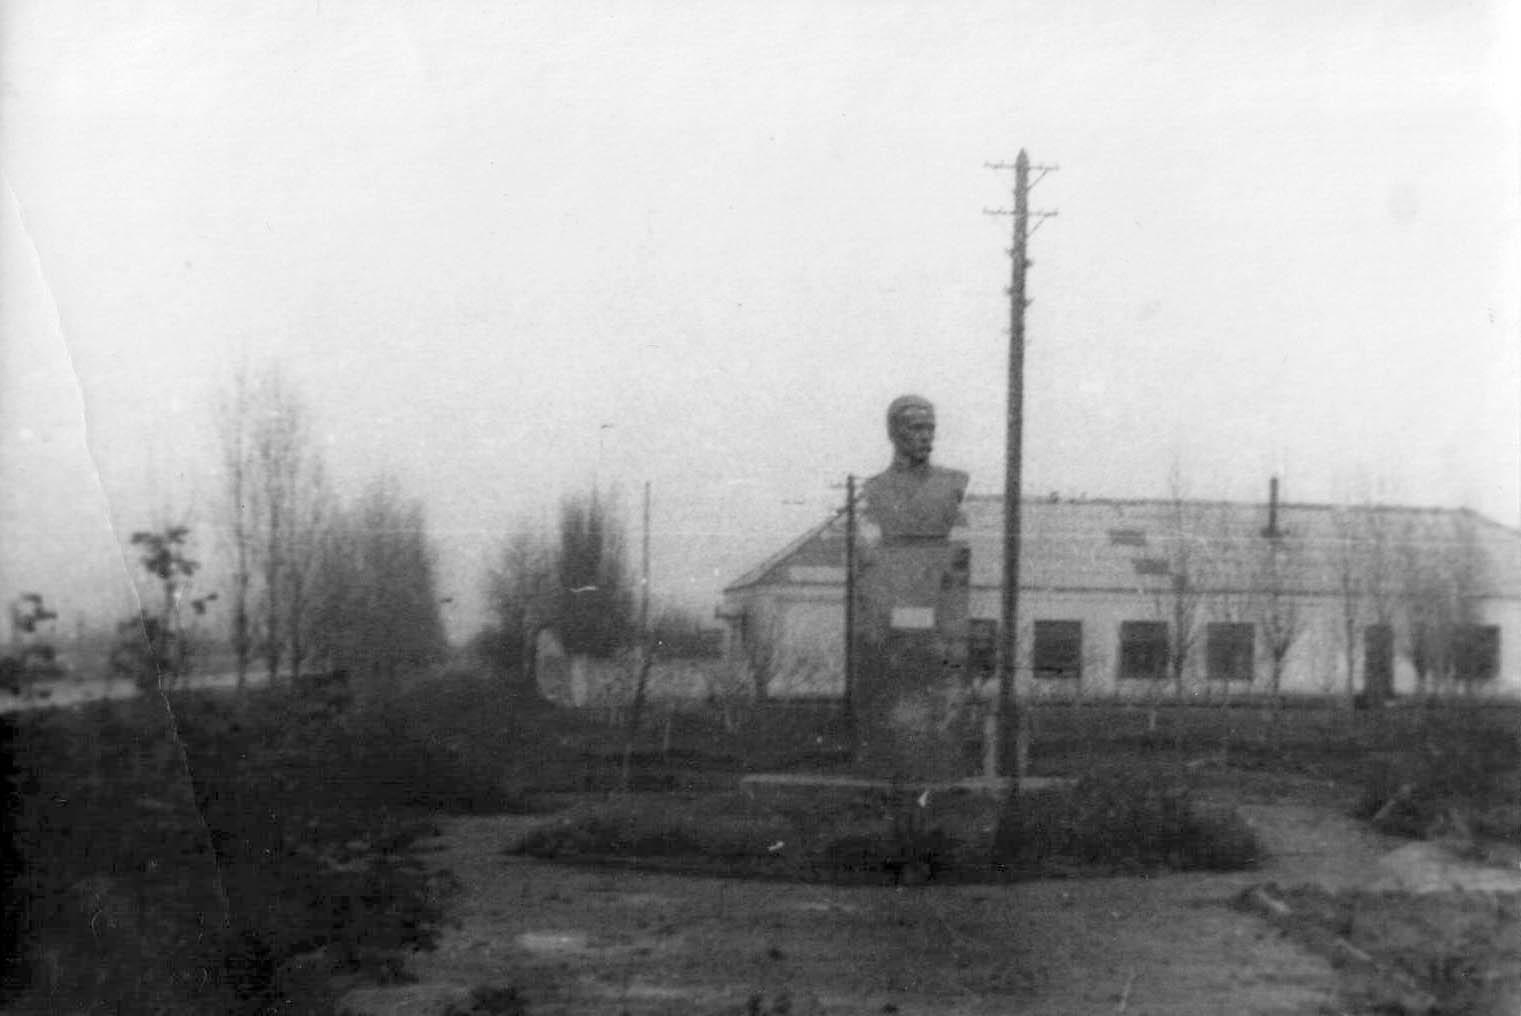 Очаков. Памятник Чижикову. 70-е гг.